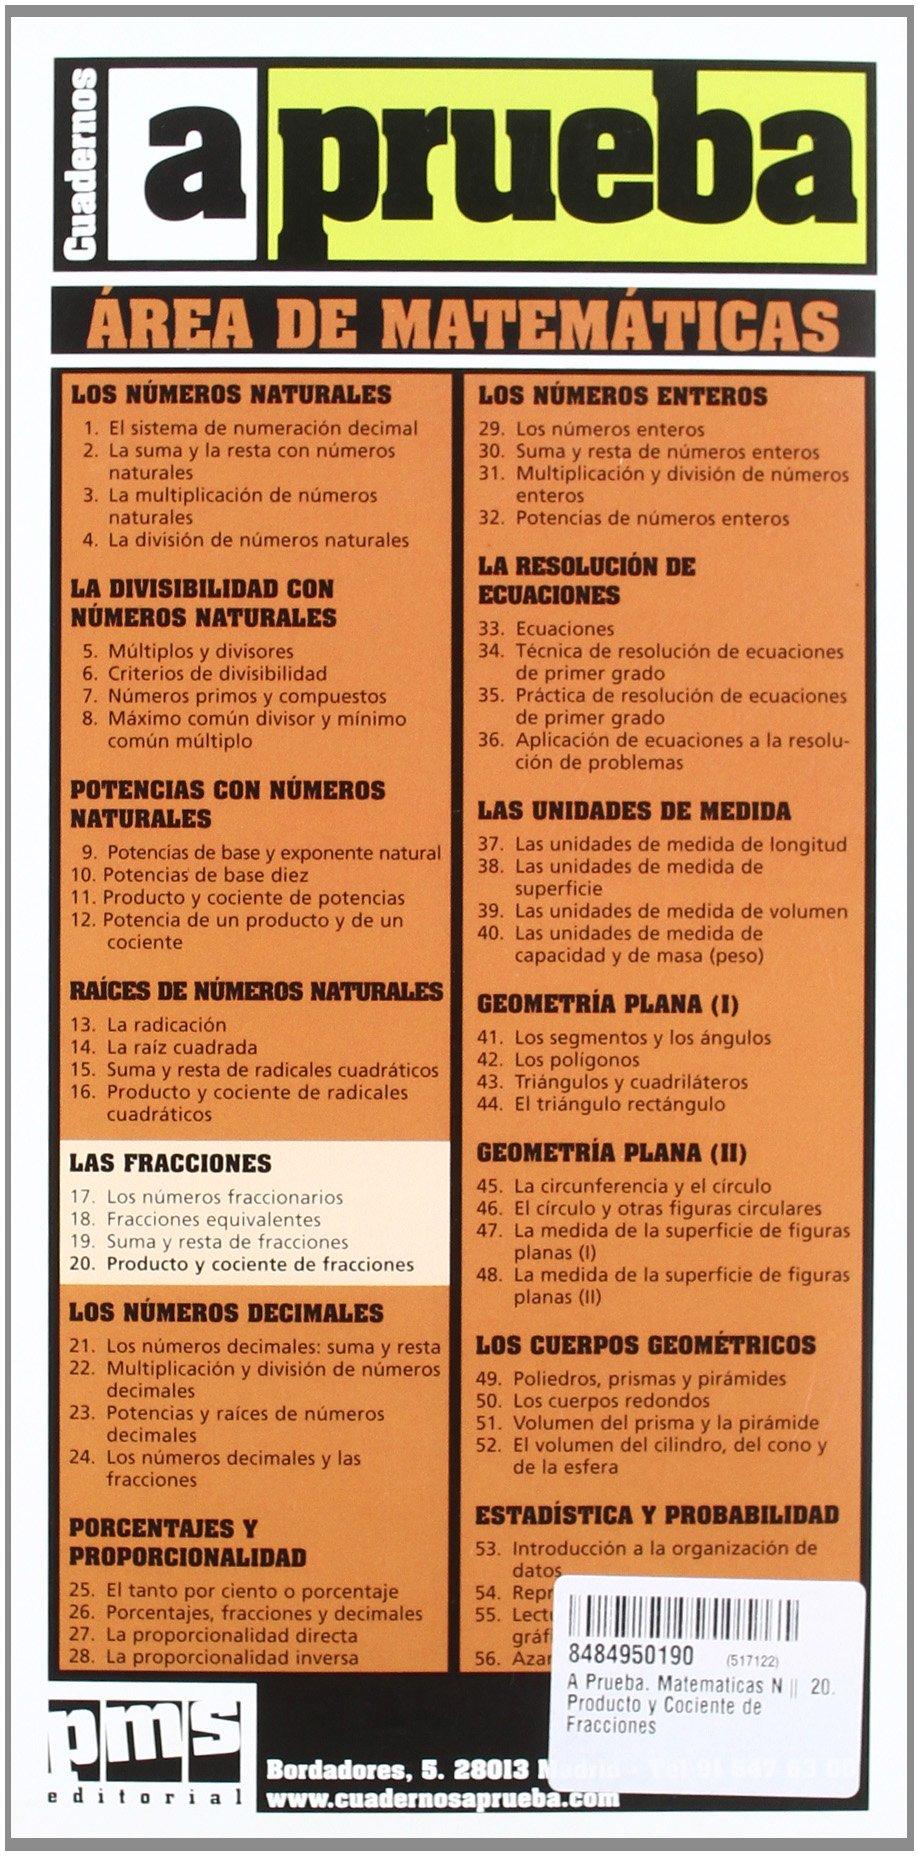 A Prueba. Matematicas Nº 20. Producto y Cociente de Fracciones: Amazon.es: Libros en idiomas extranjeros